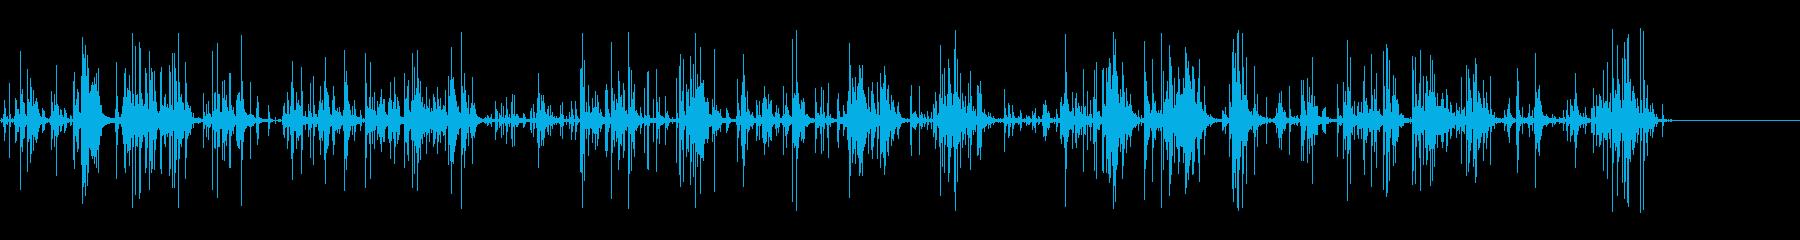 [生音]ビー玉をカチャカチャする01の再生済みの波形